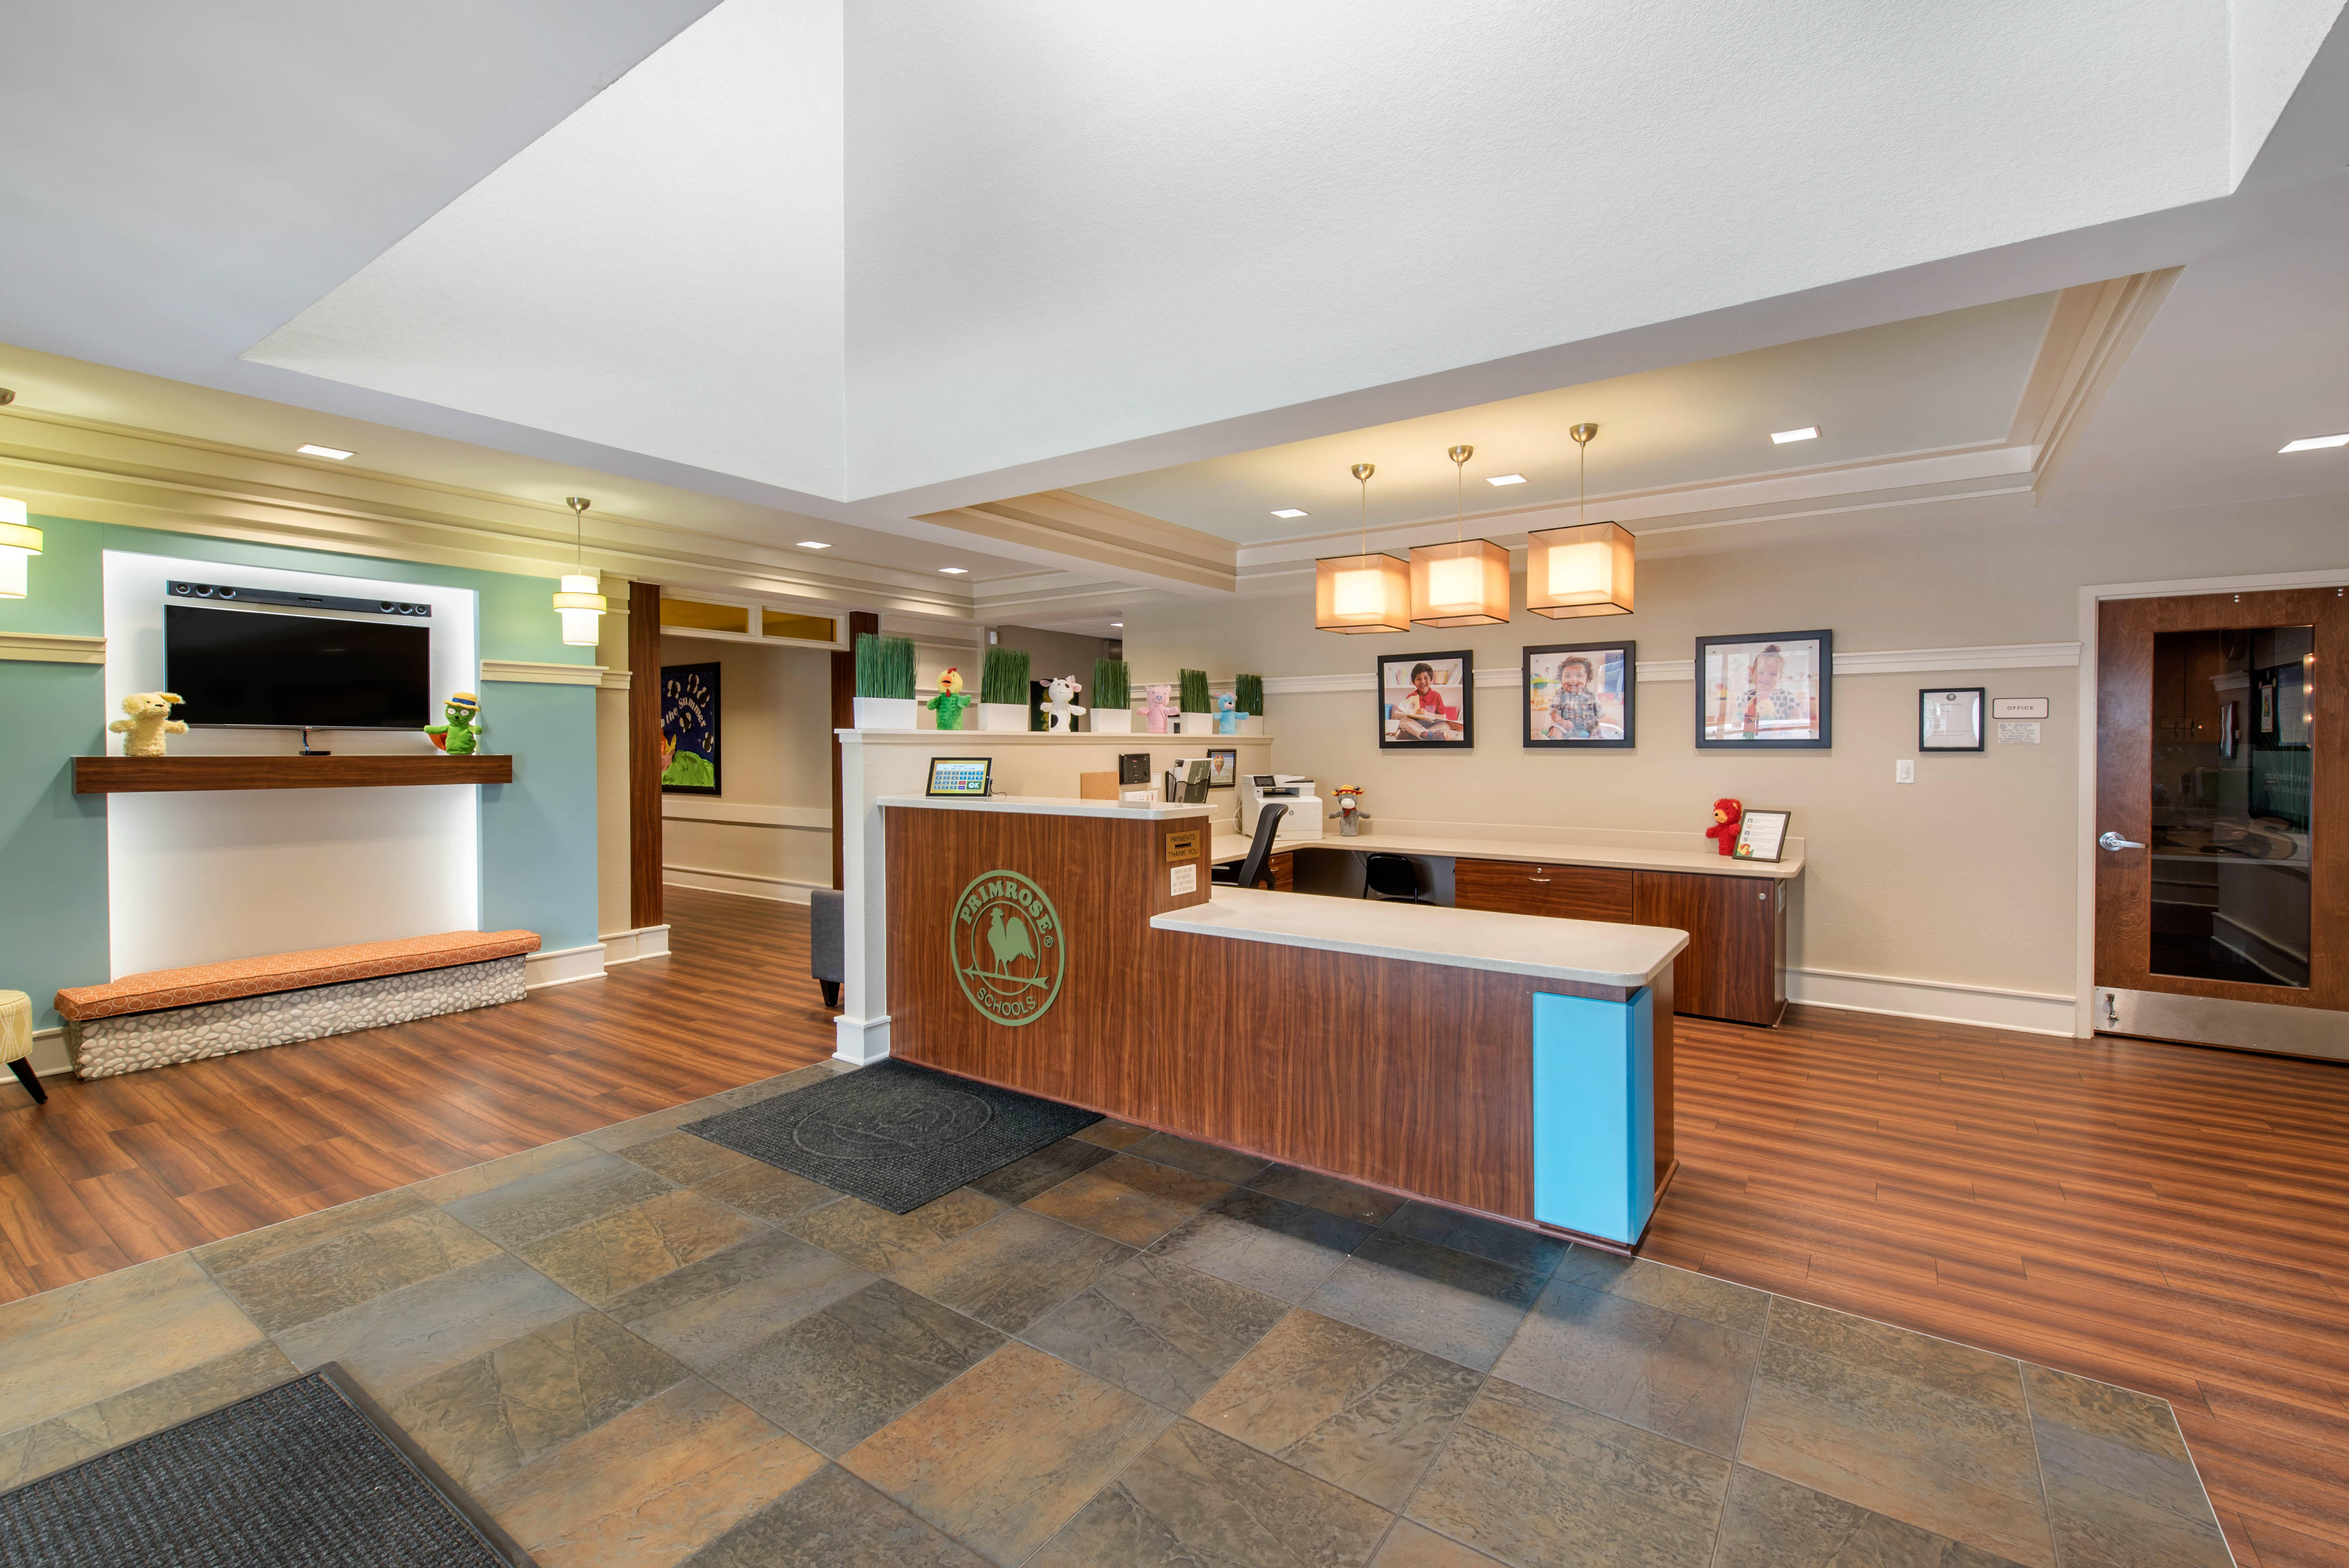 Primrose School at Colorado Station image 5